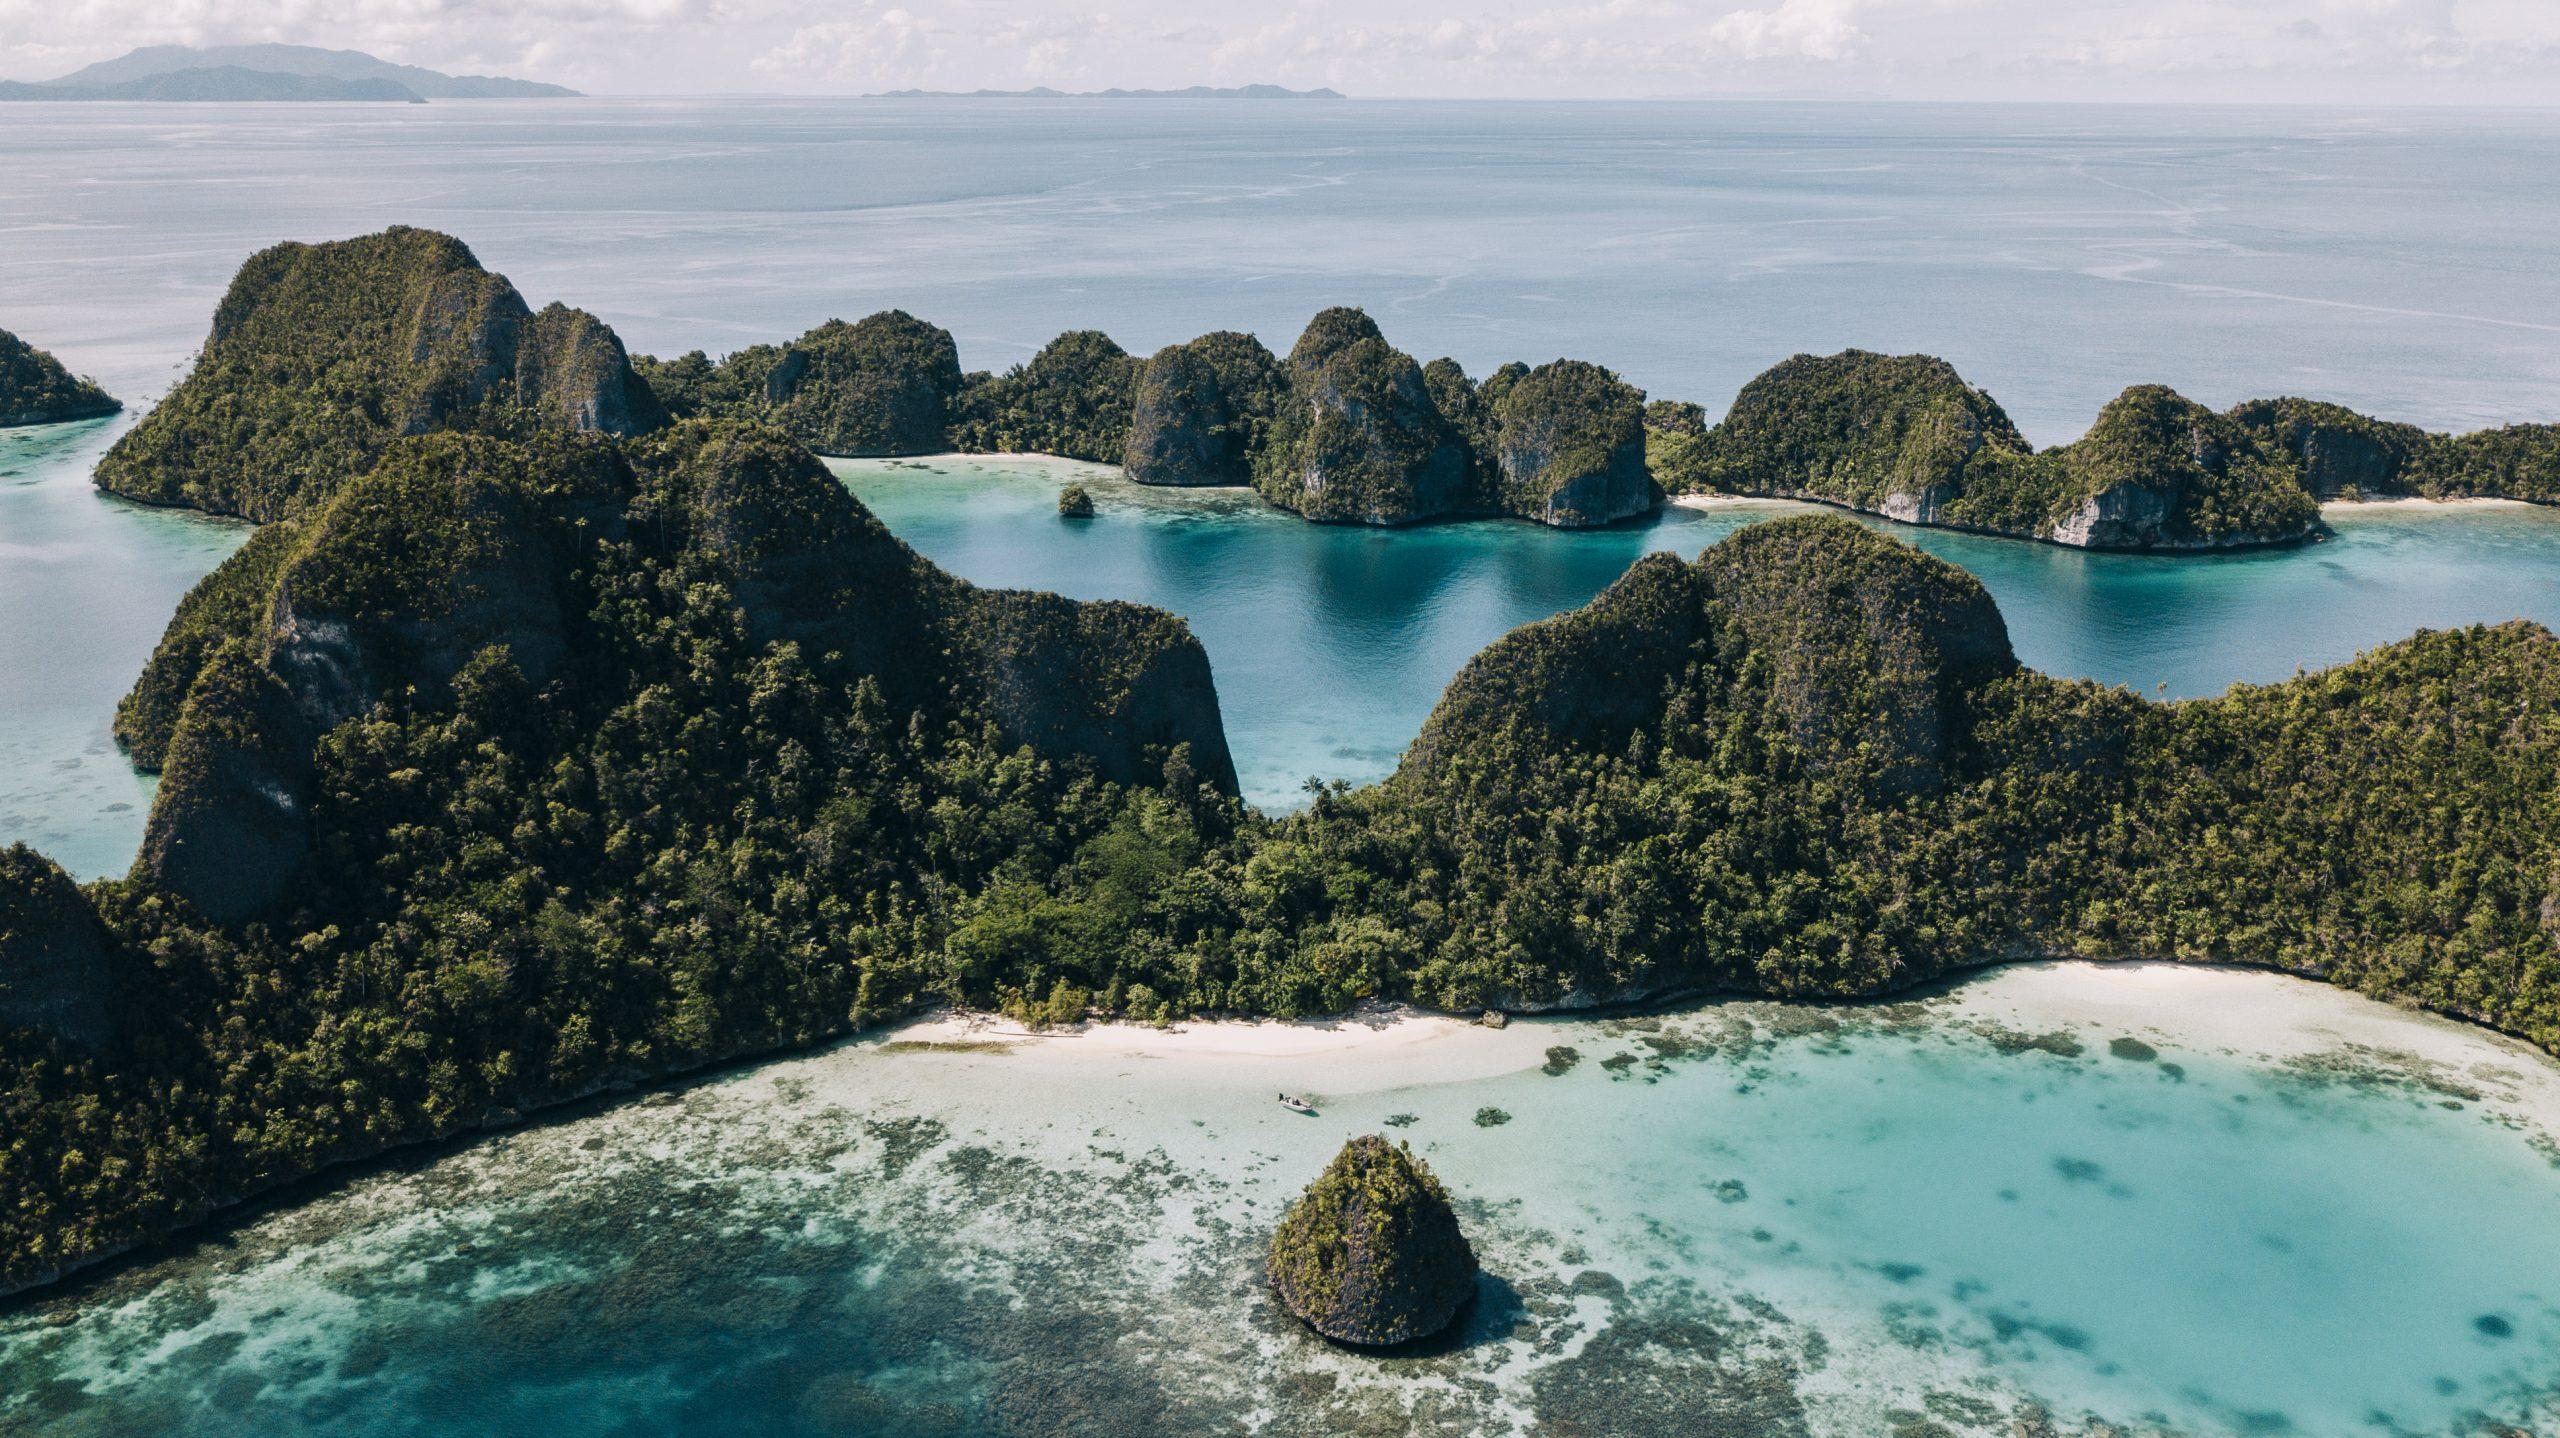 Raja Ampat Indonesia Cruise